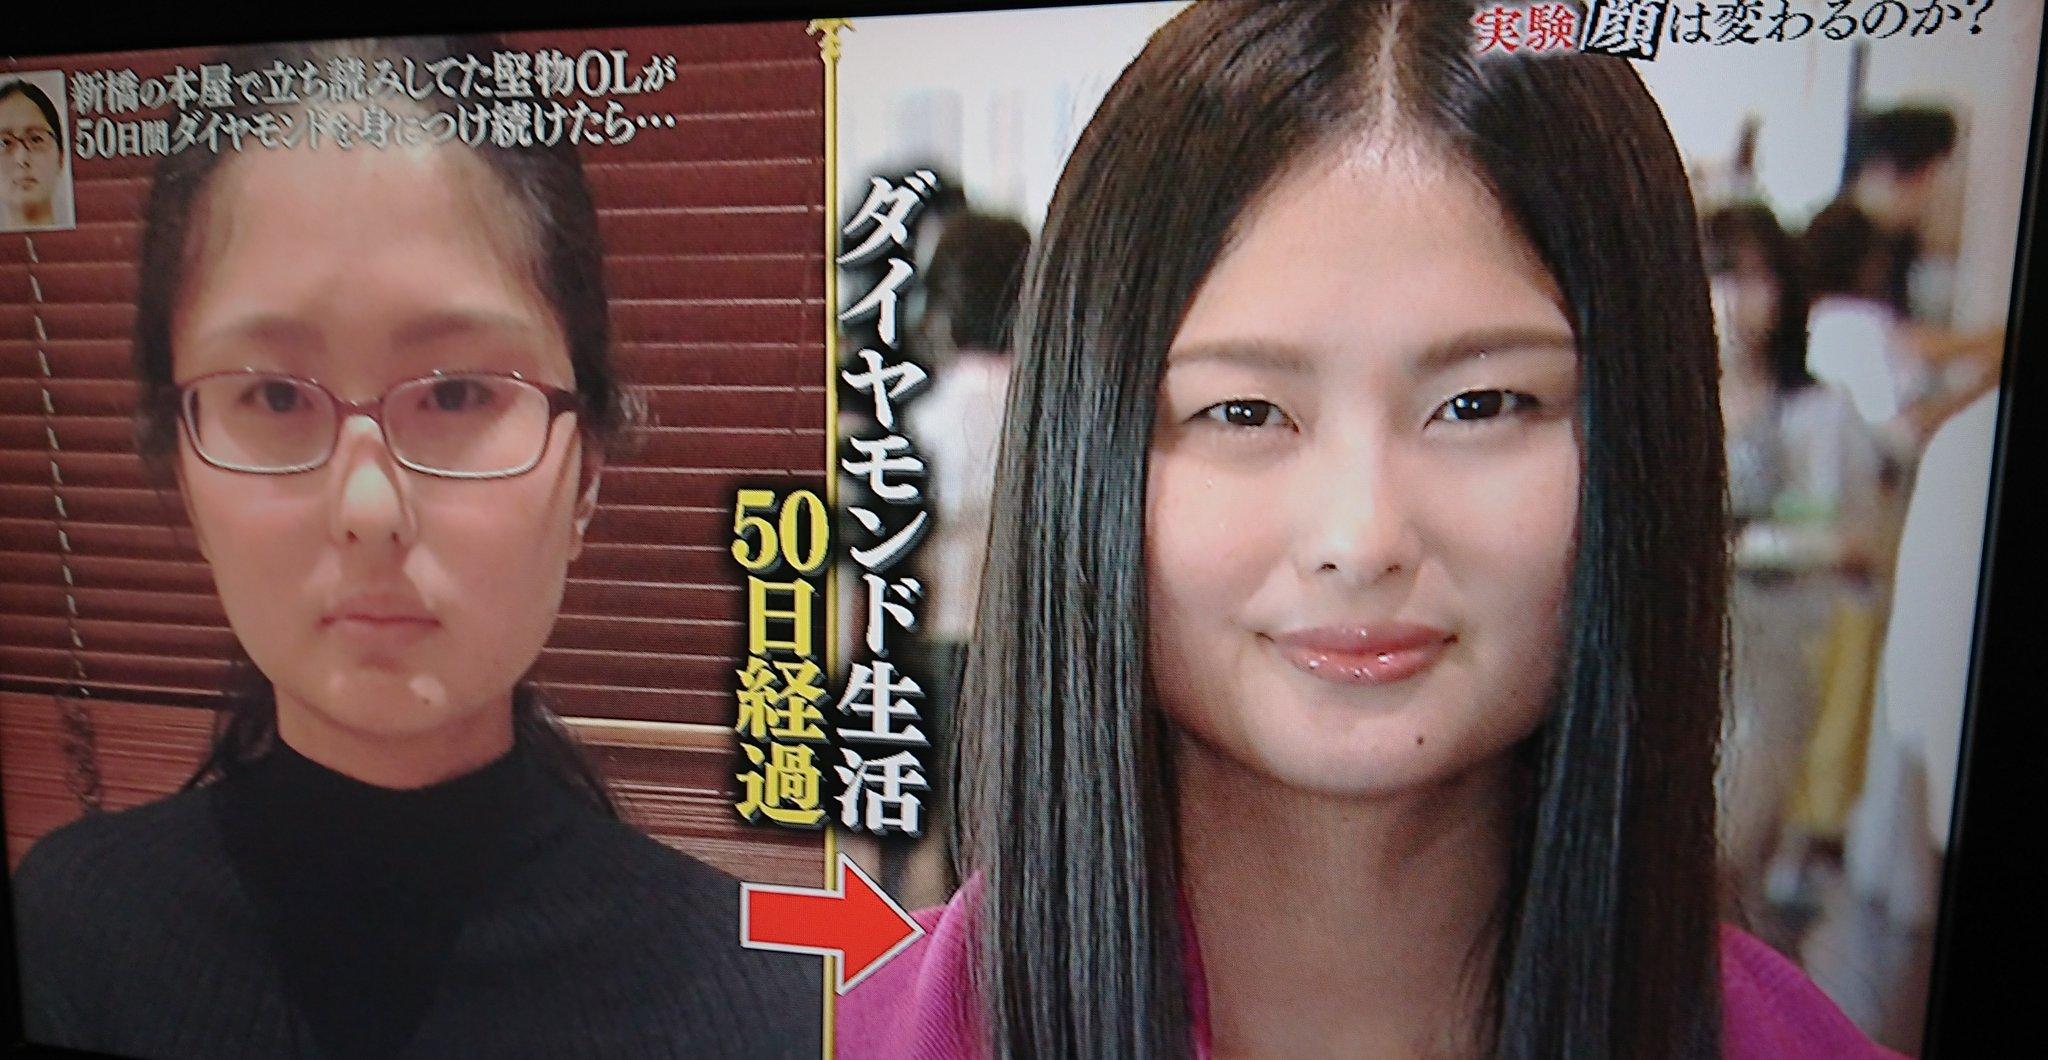 の 顔 50 のか 女性 で 日 は 変わる